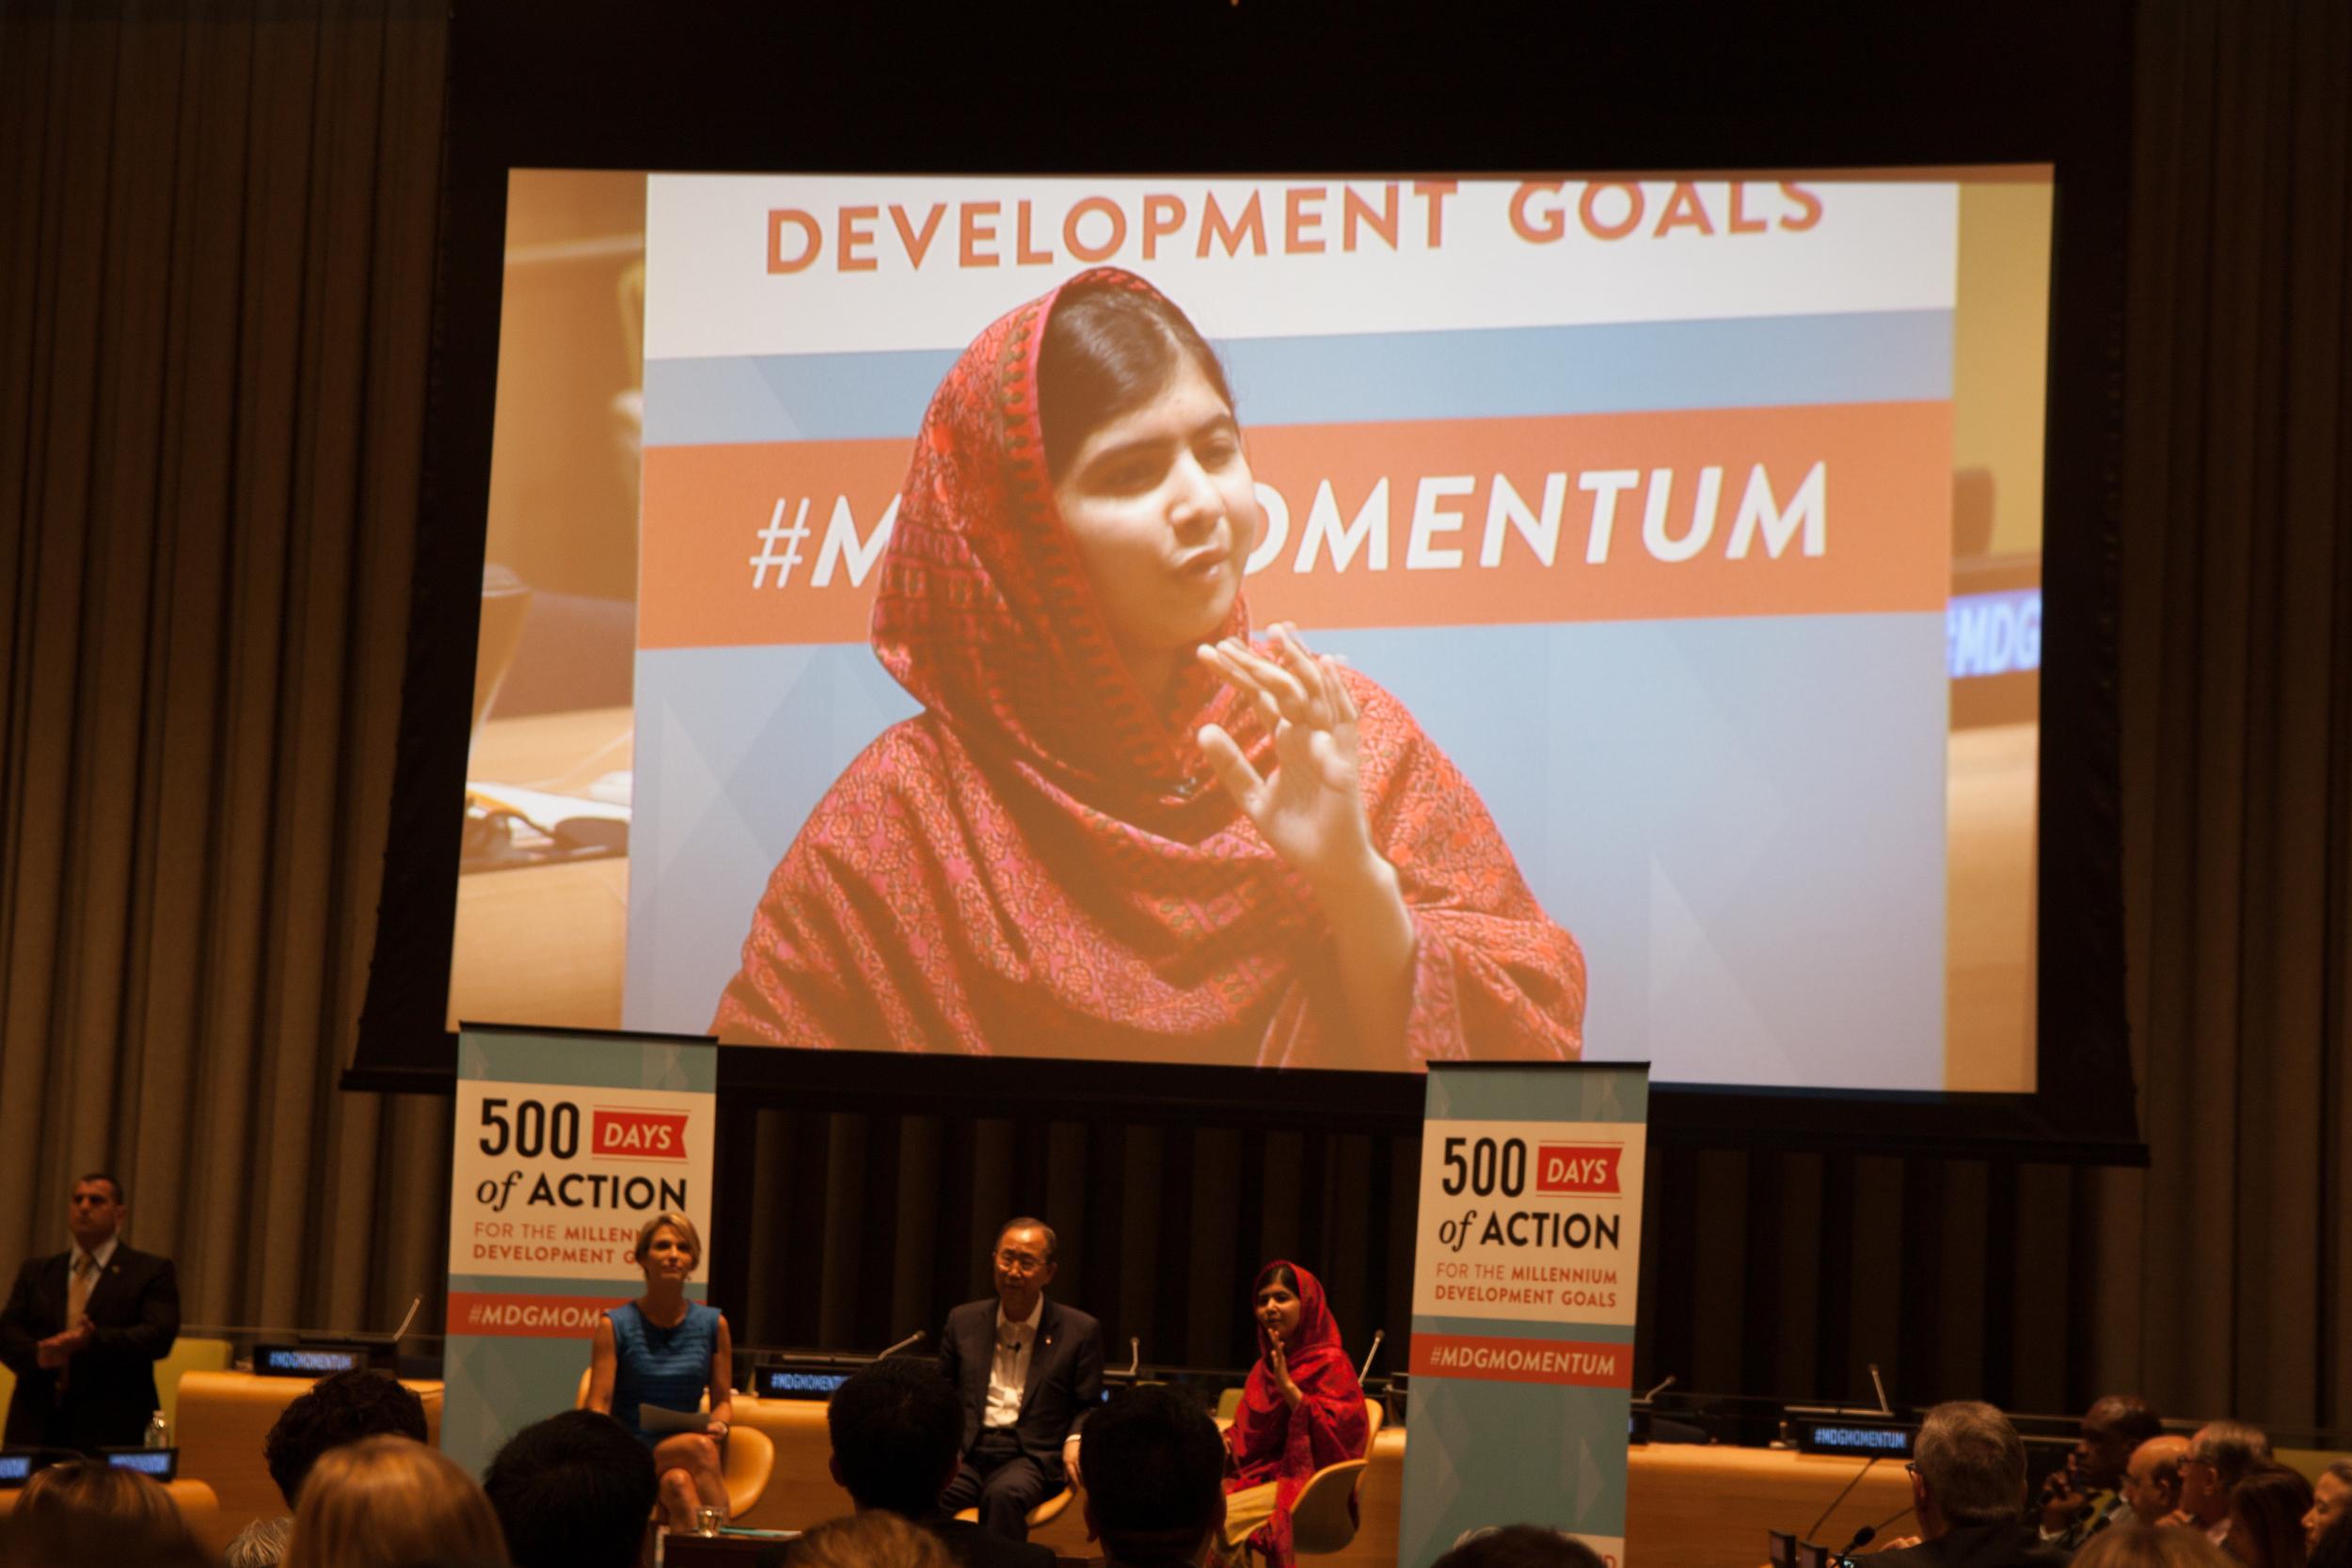 Malala Yousafzai w/ ABC News Anchor & Ban Ki-Moon